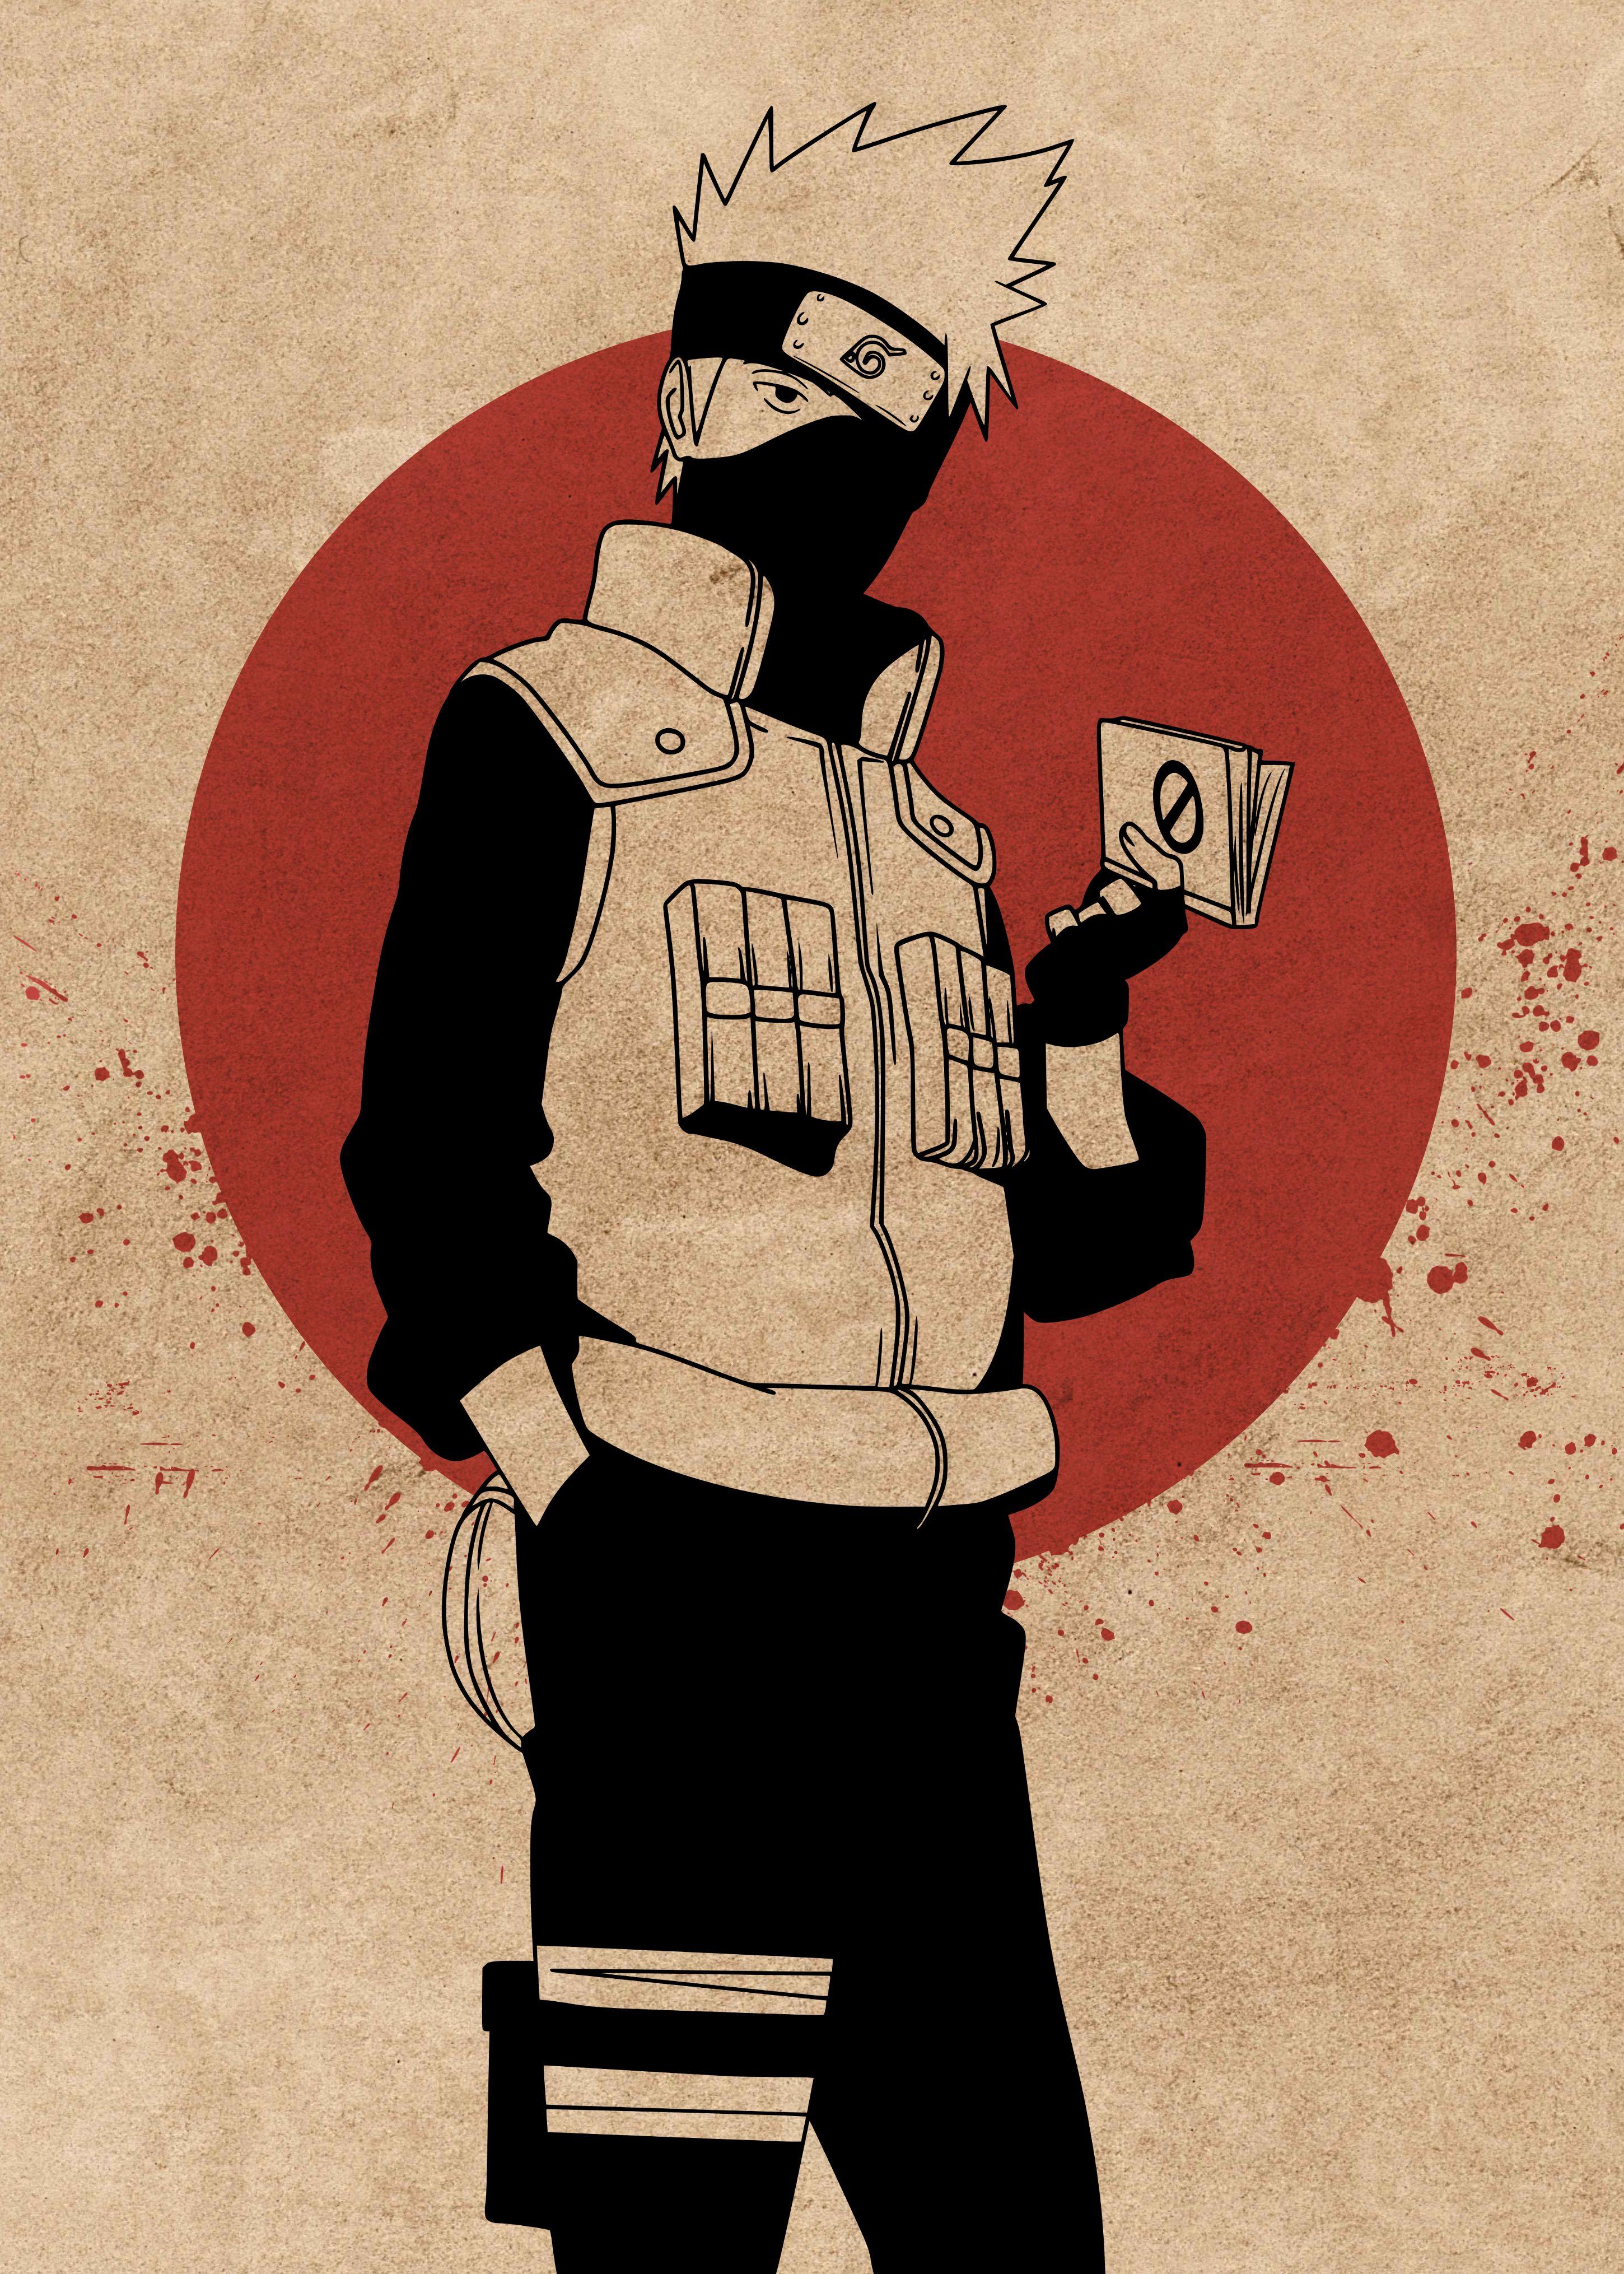 Kakashi Hatake Naruto Anime Anime Naruto Naruto Drawings Kakashi Hokage